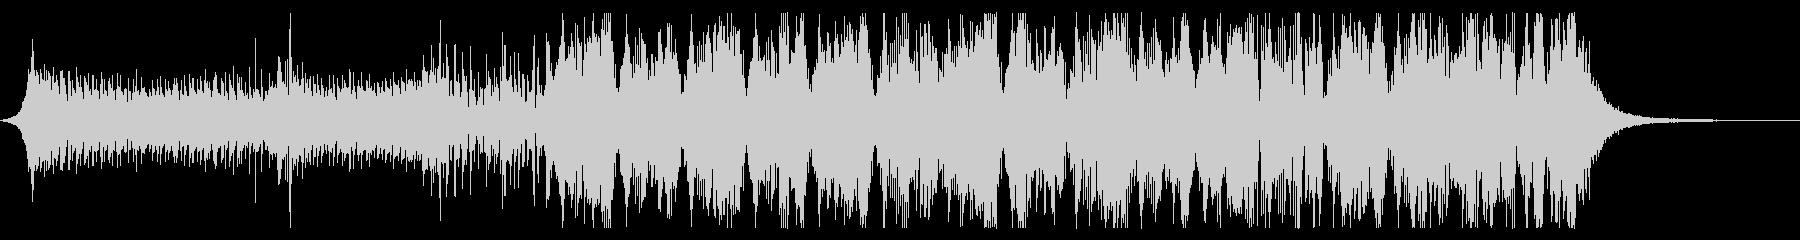 アグレッシブなダブステップの未再生の波形